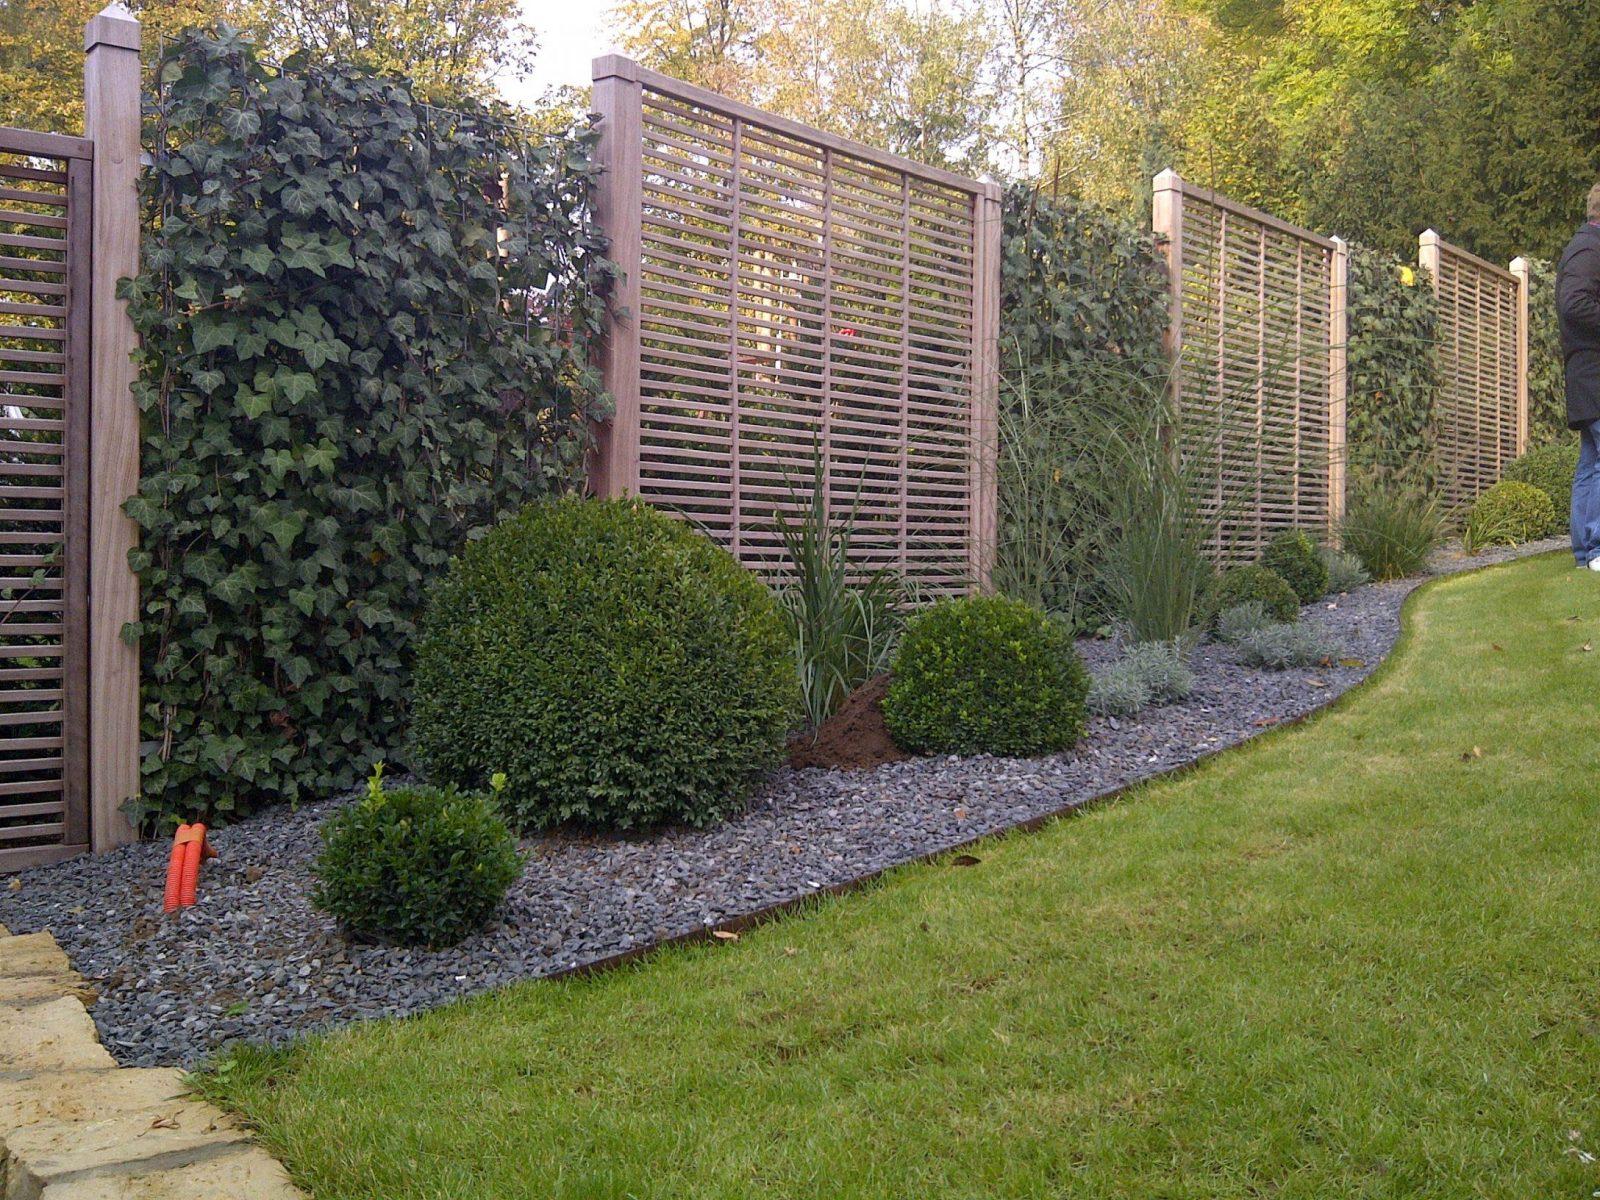 99 Sichtschutz Garten Selber Bauen Ideen von Garten Sichtschutz Selber Bauen Bild